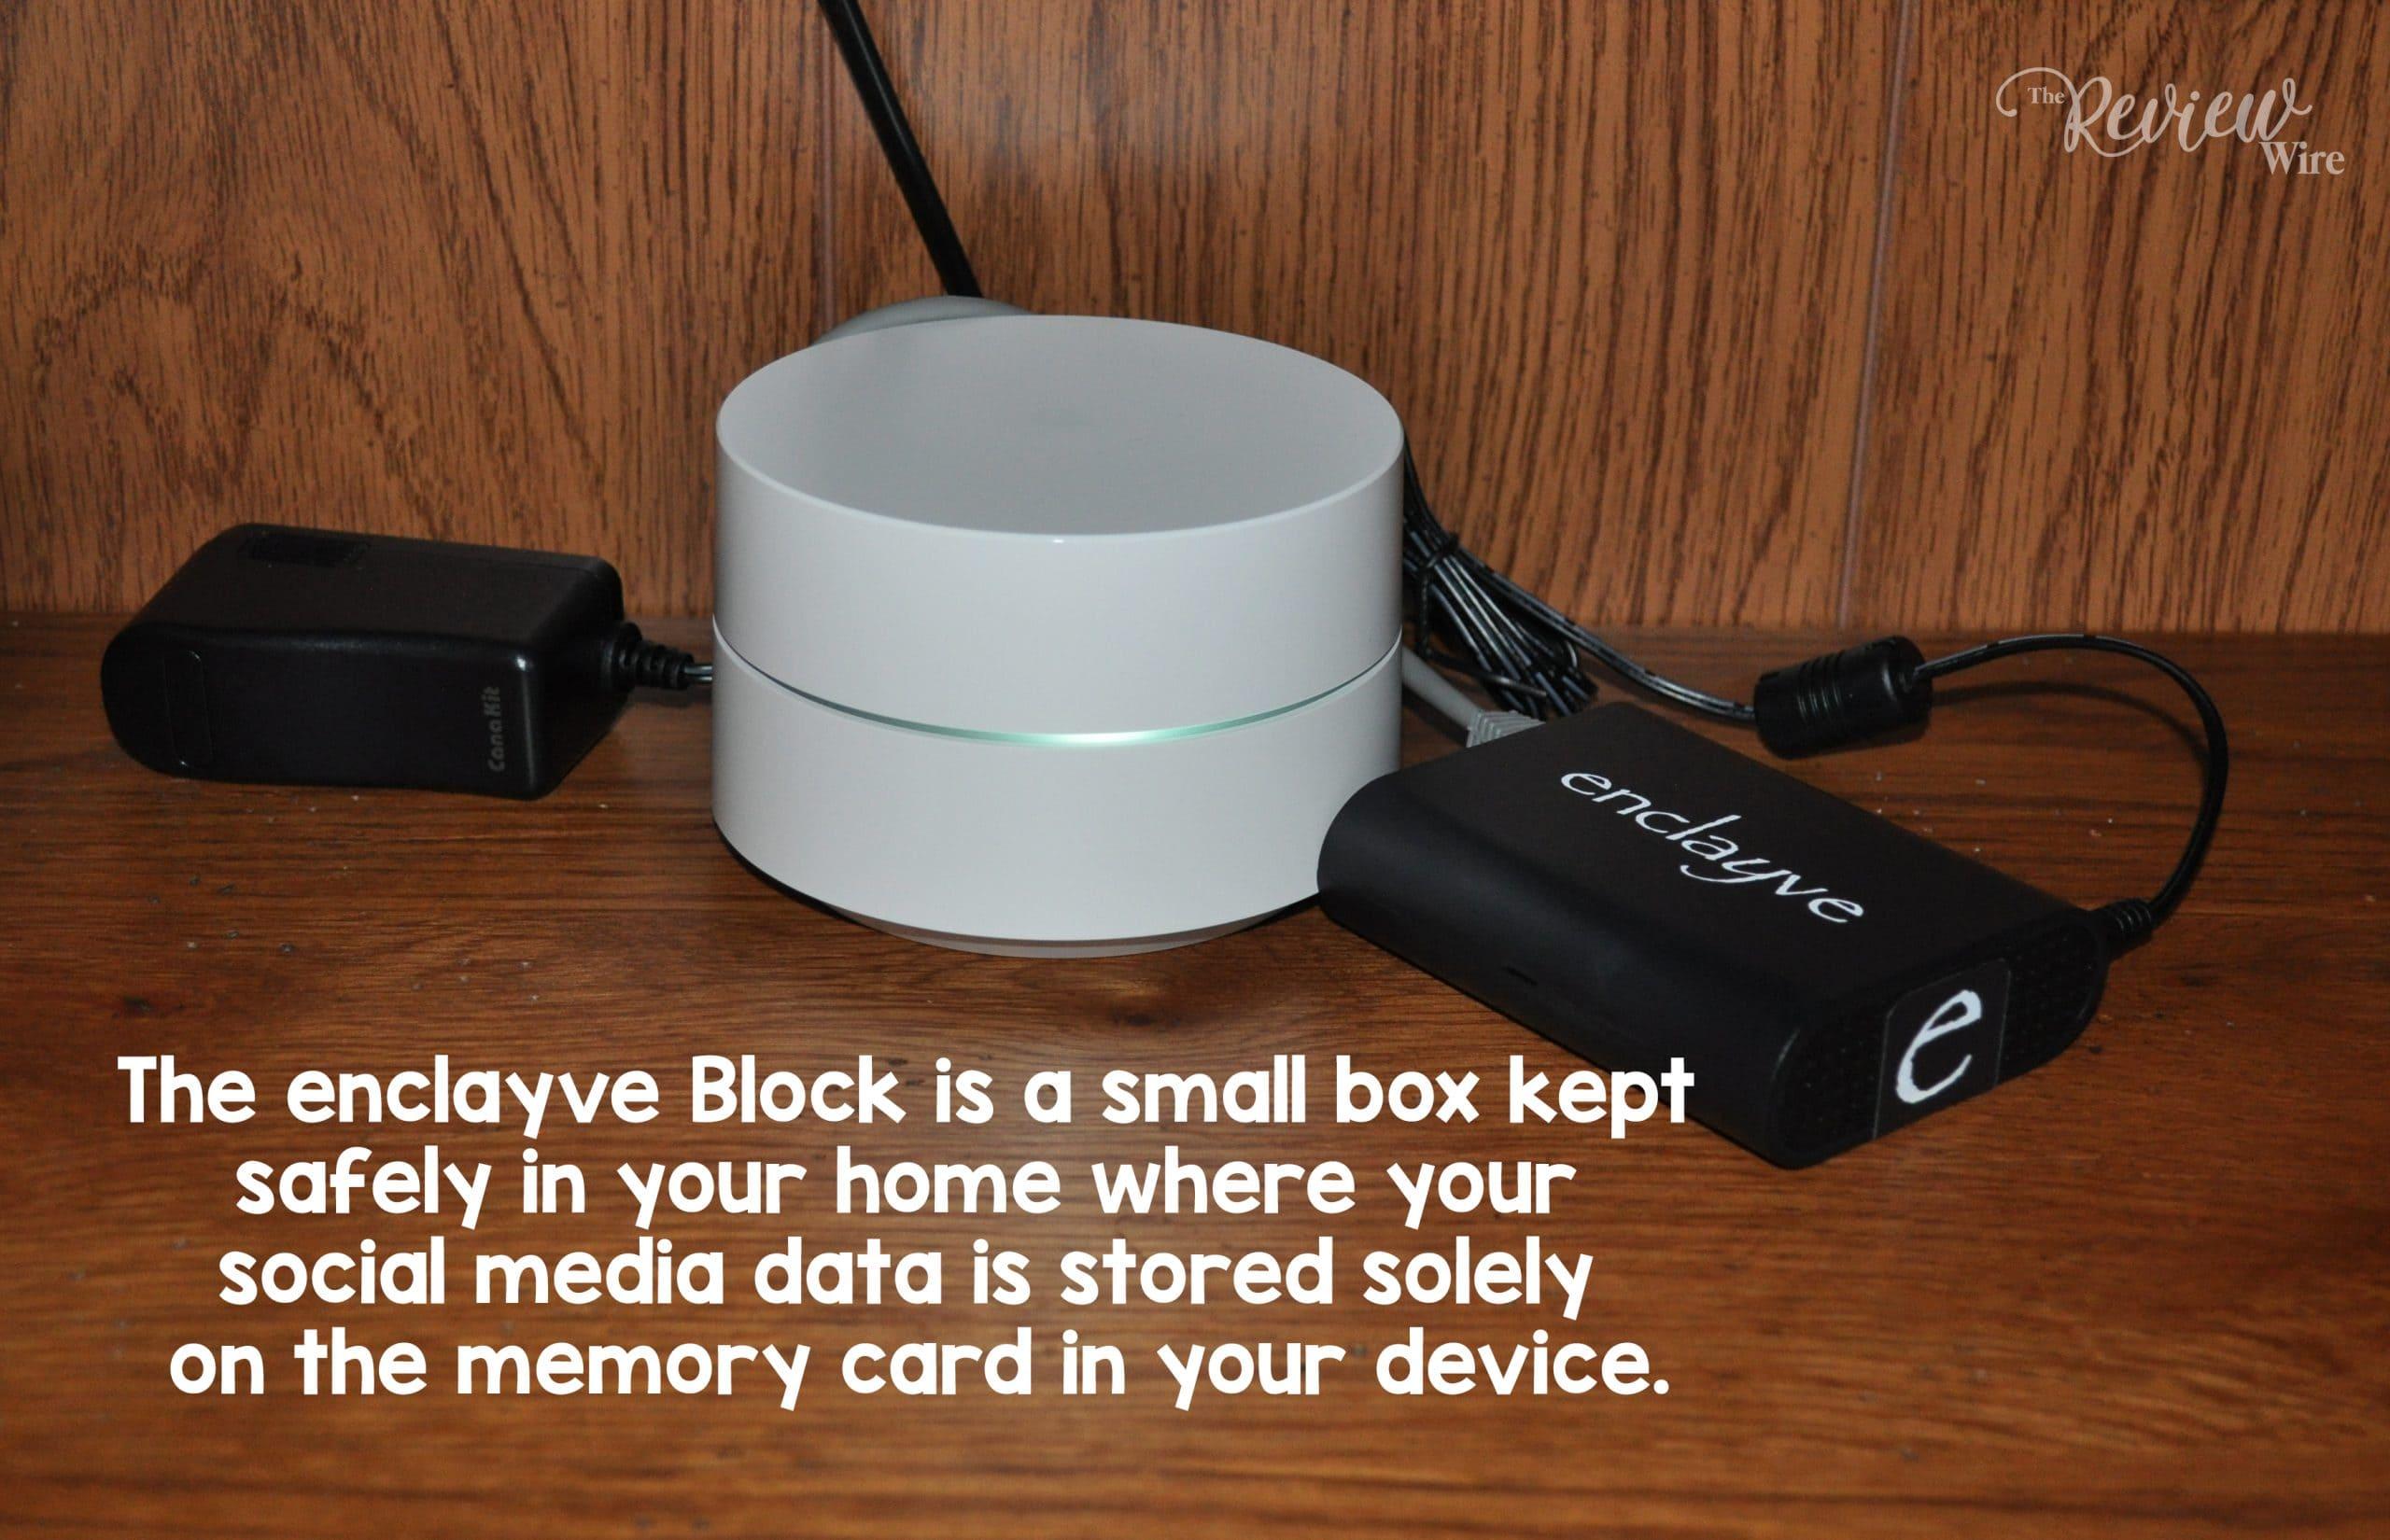 enclayve Block